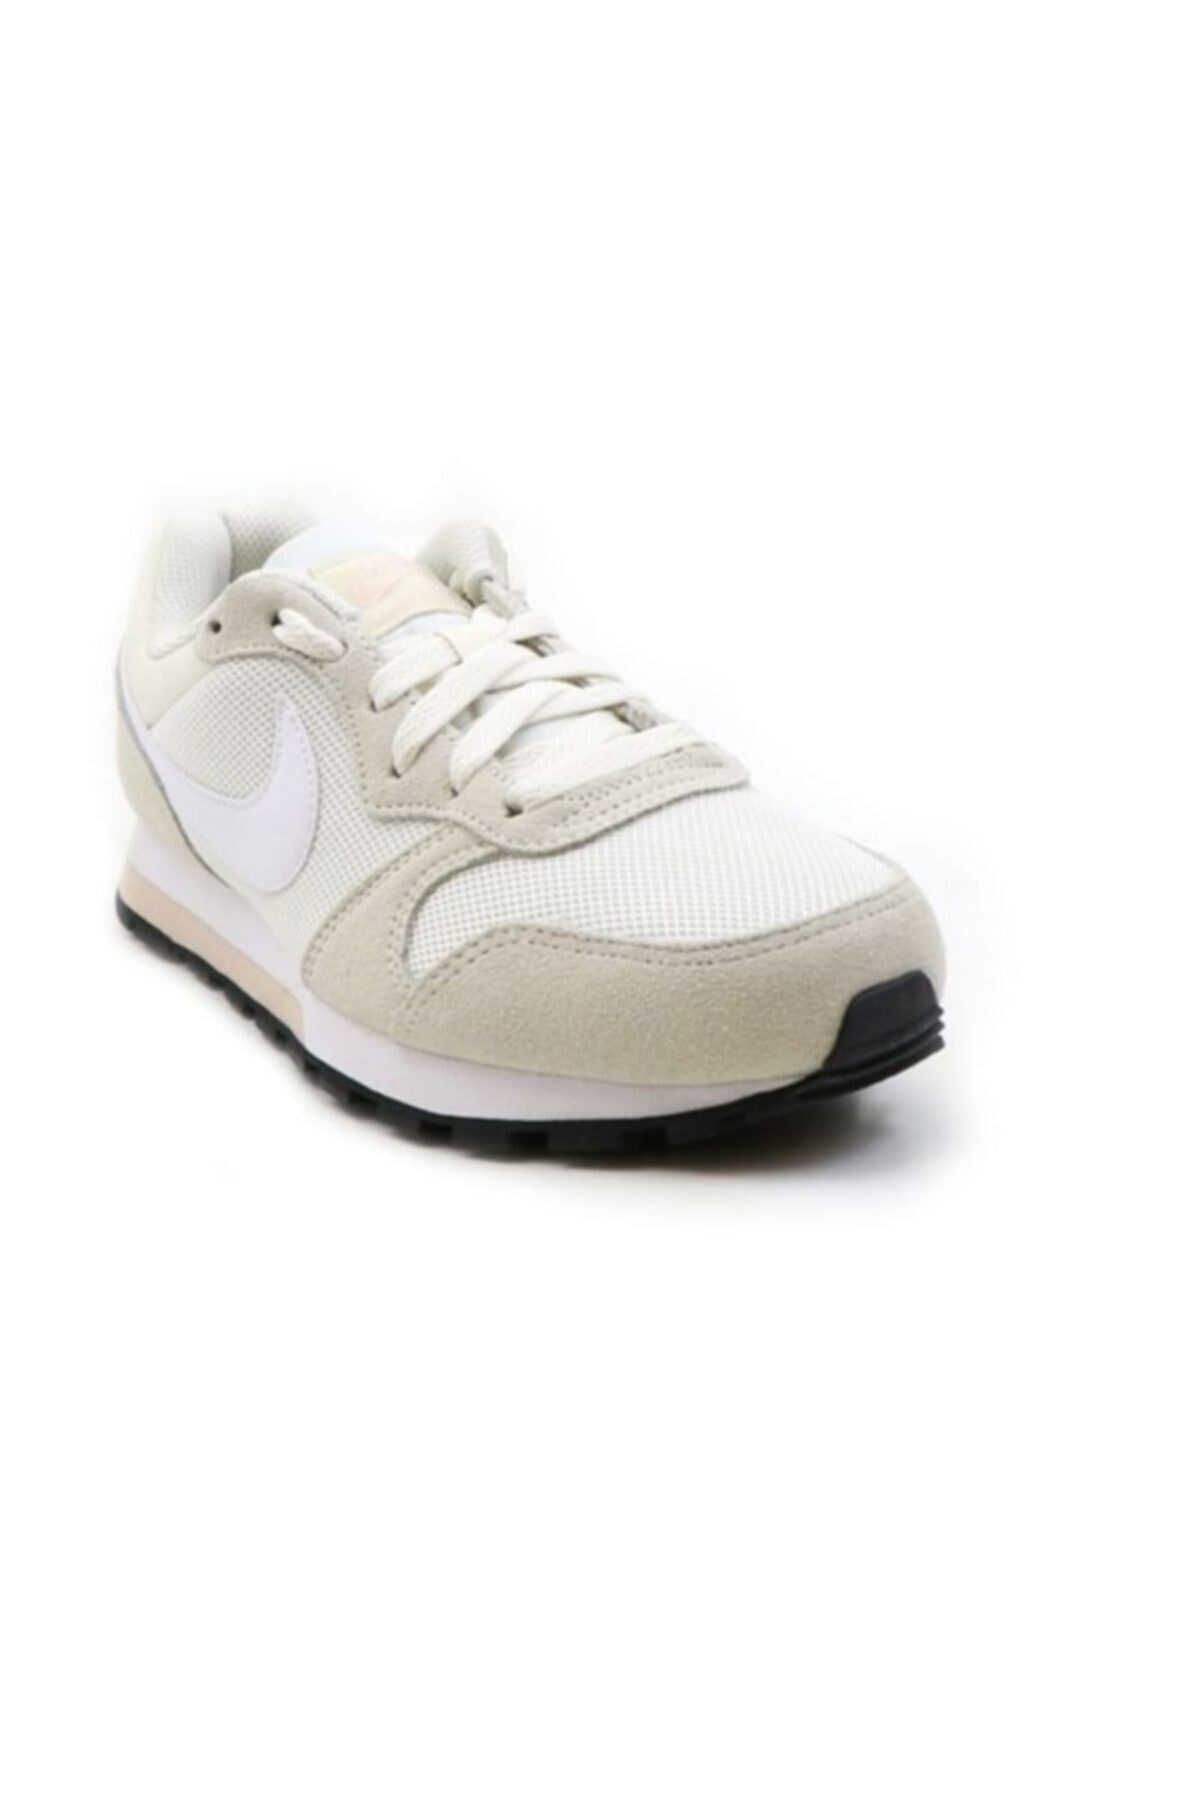 Nike Wmns Nıke Md Runner 2 1